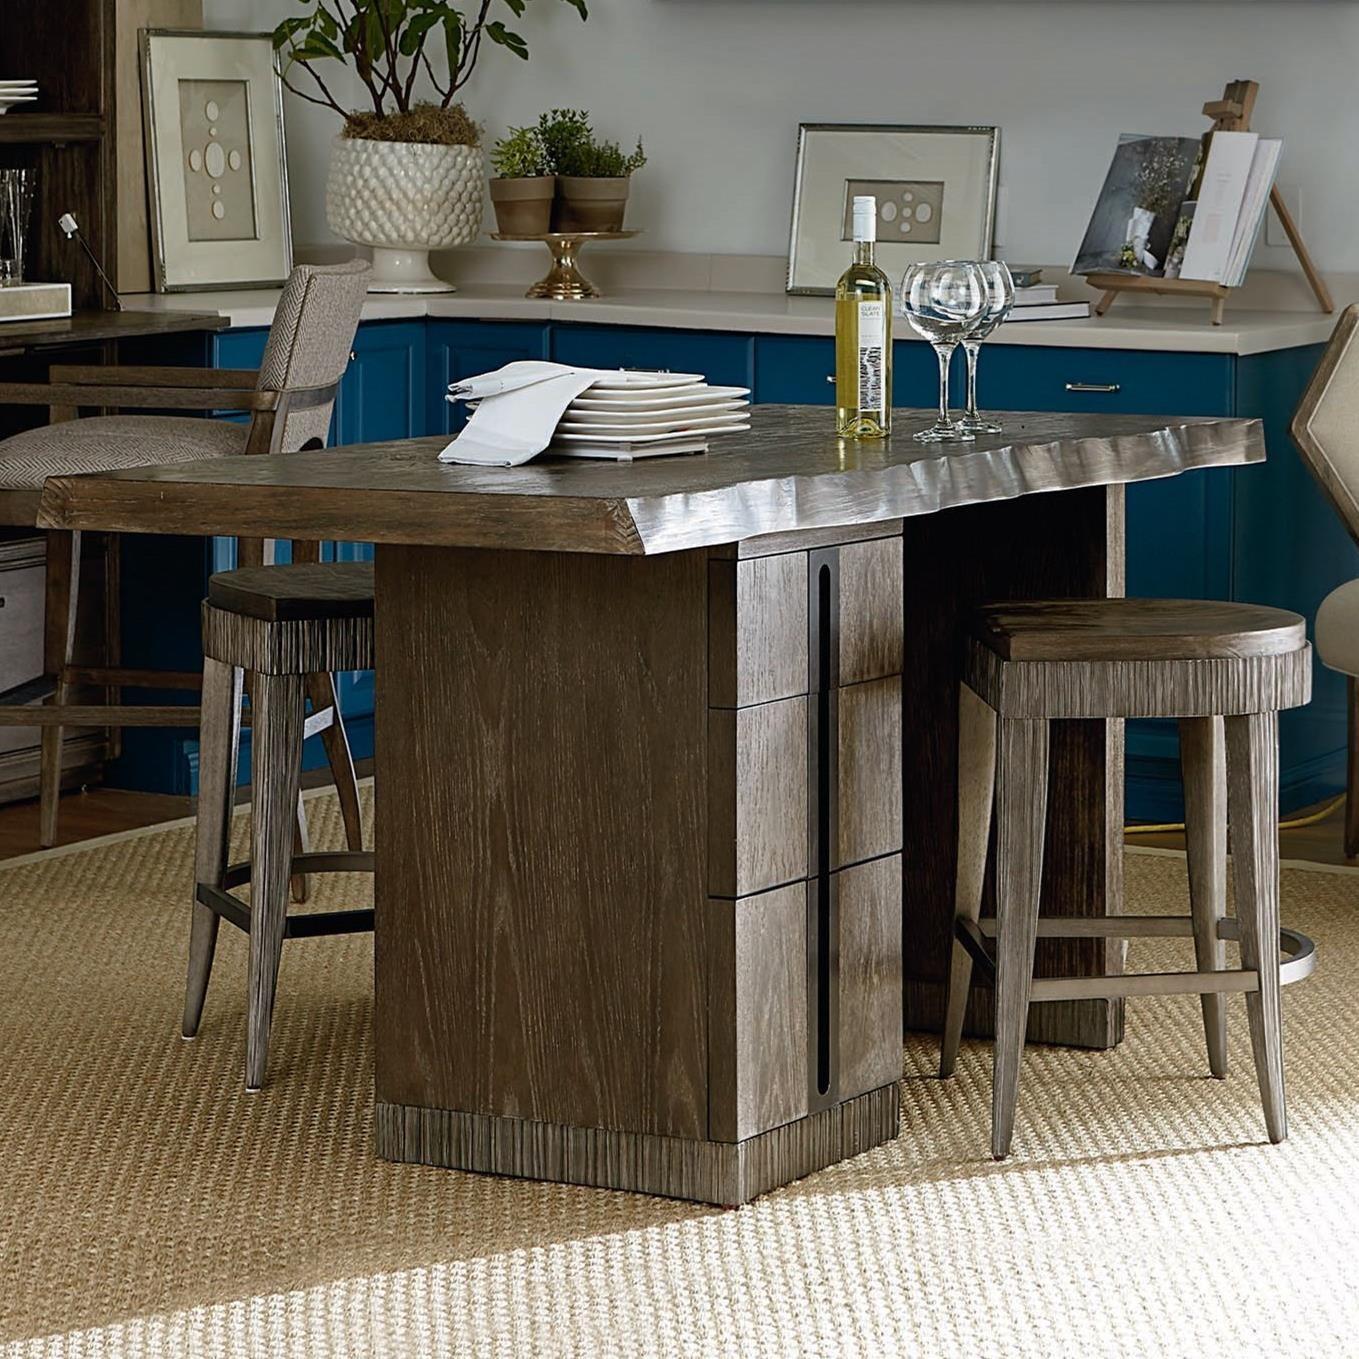 Kitchen Set Island: A.R.T. Furniture Inc Geode 3-Piece Mineral Kitchen Island